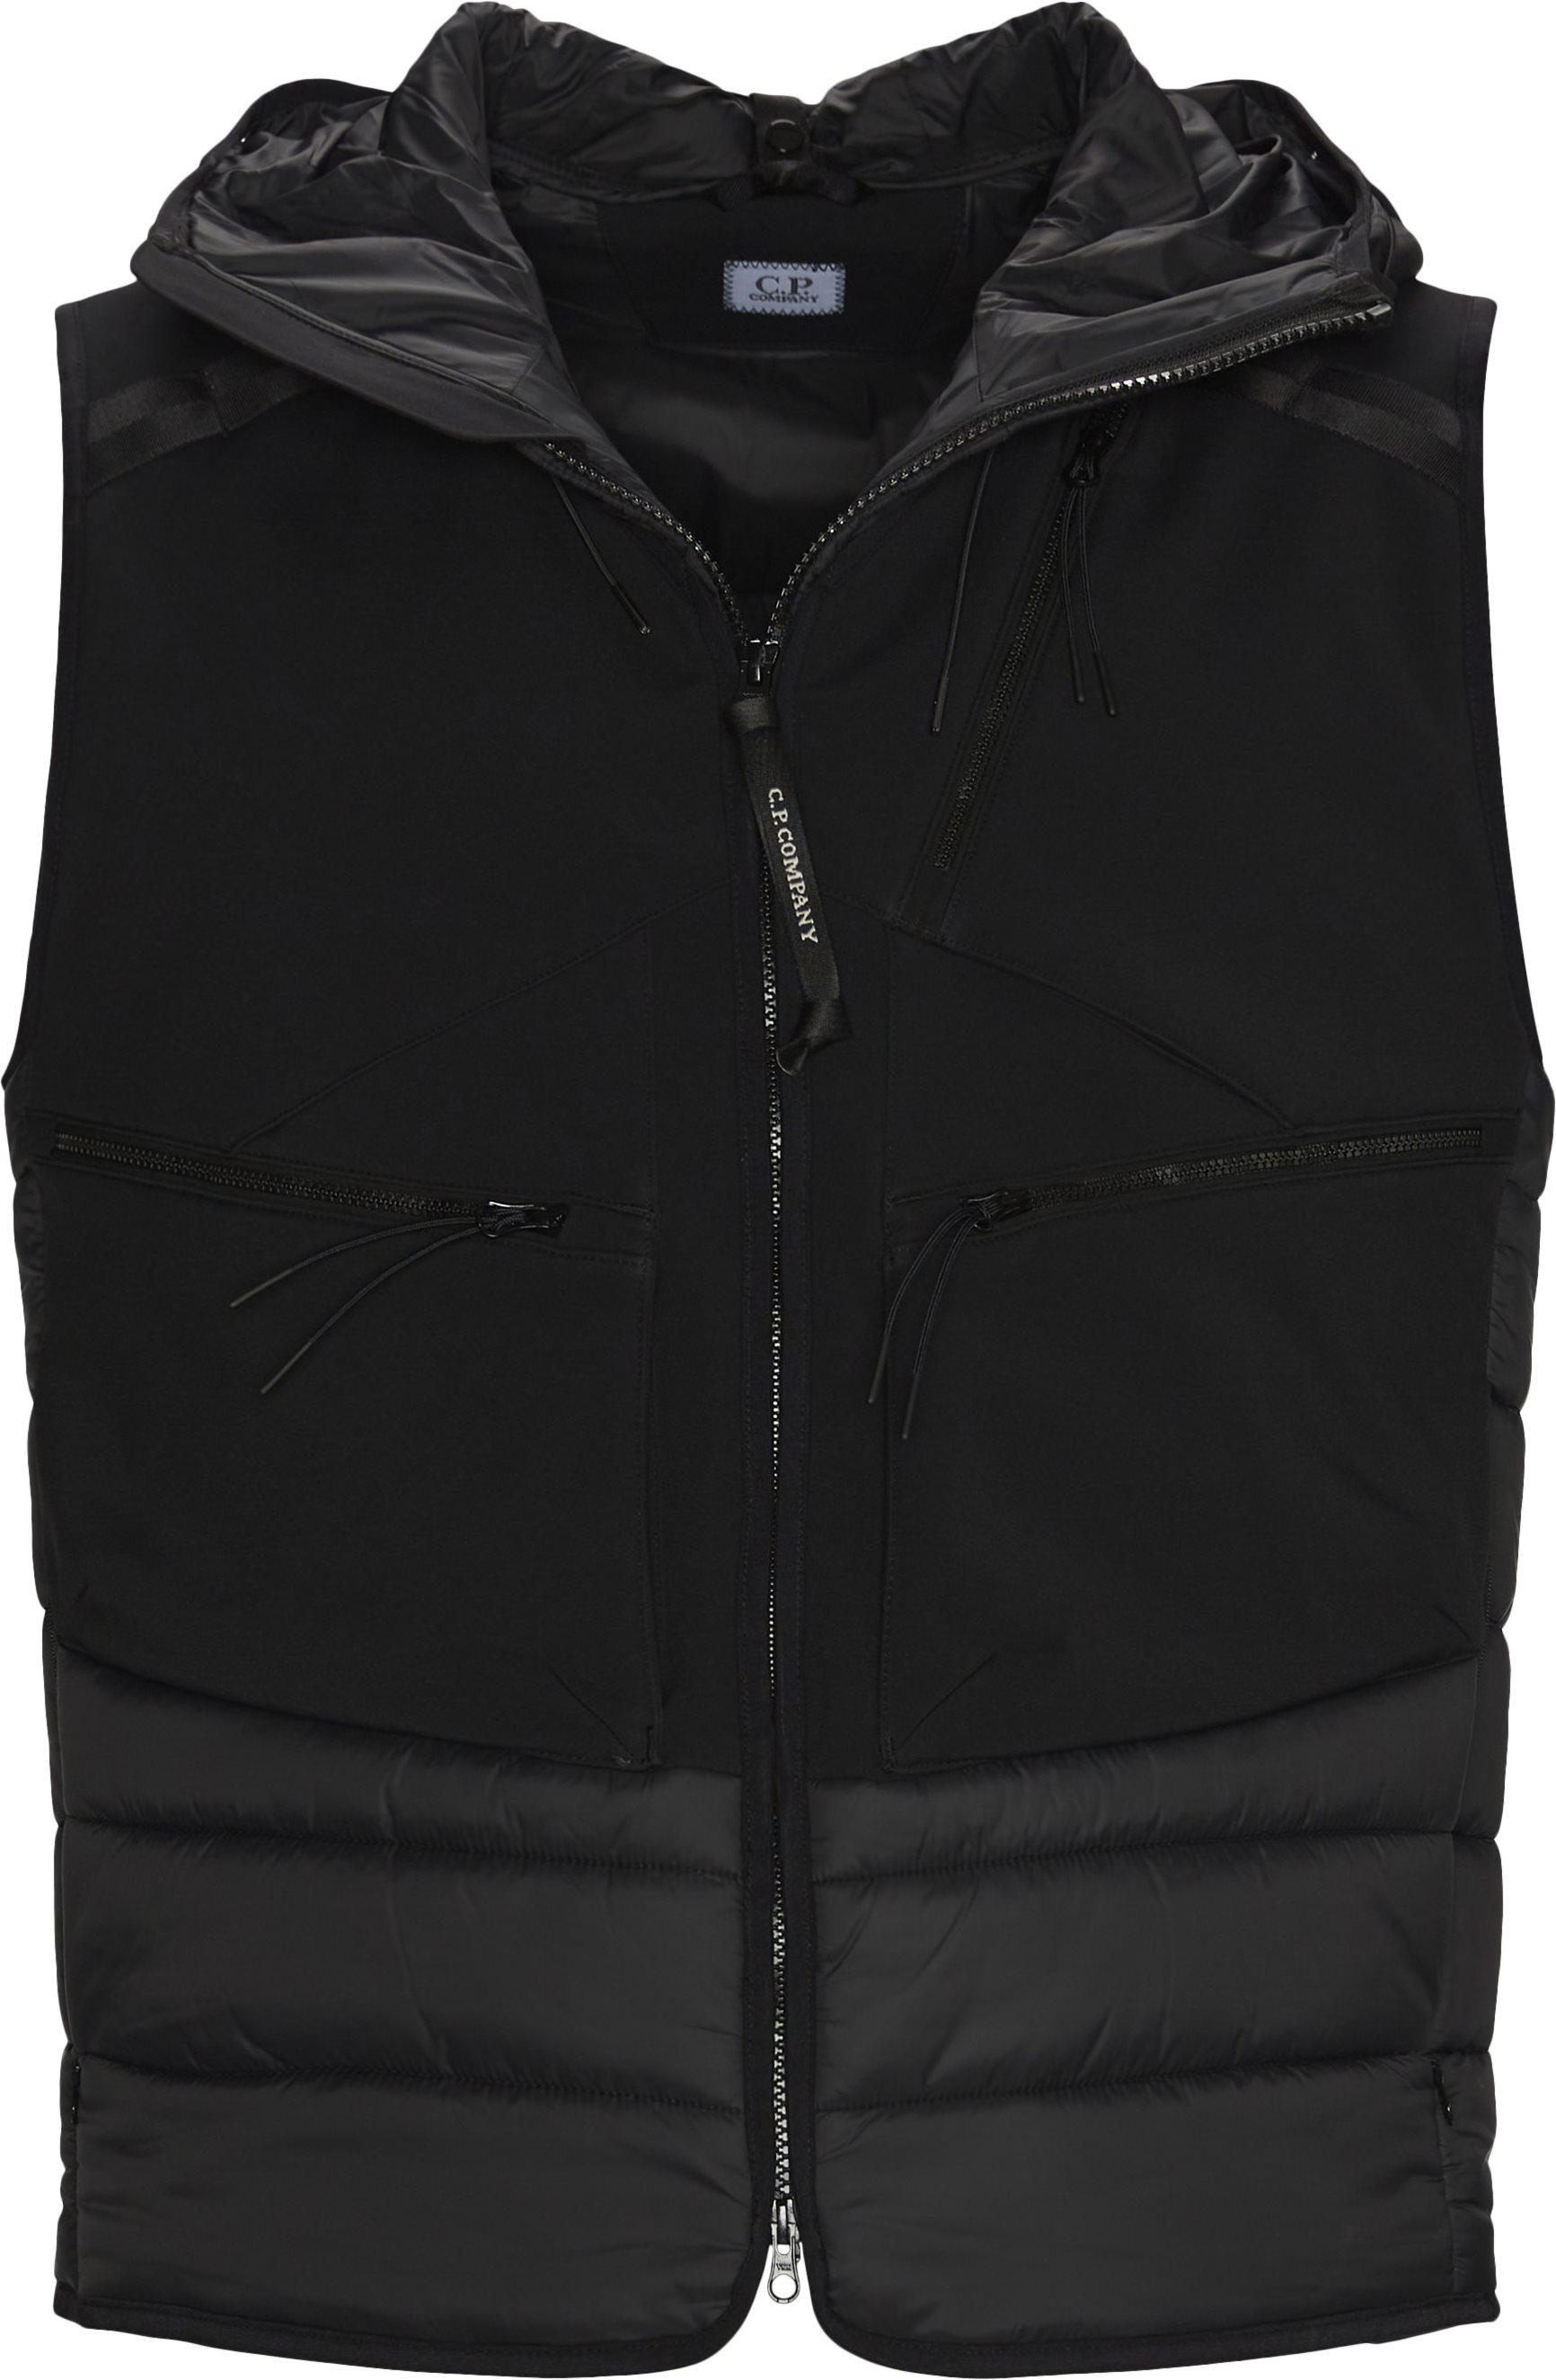 Iconic Goggle Vest - Veste - Regular fit - Sort